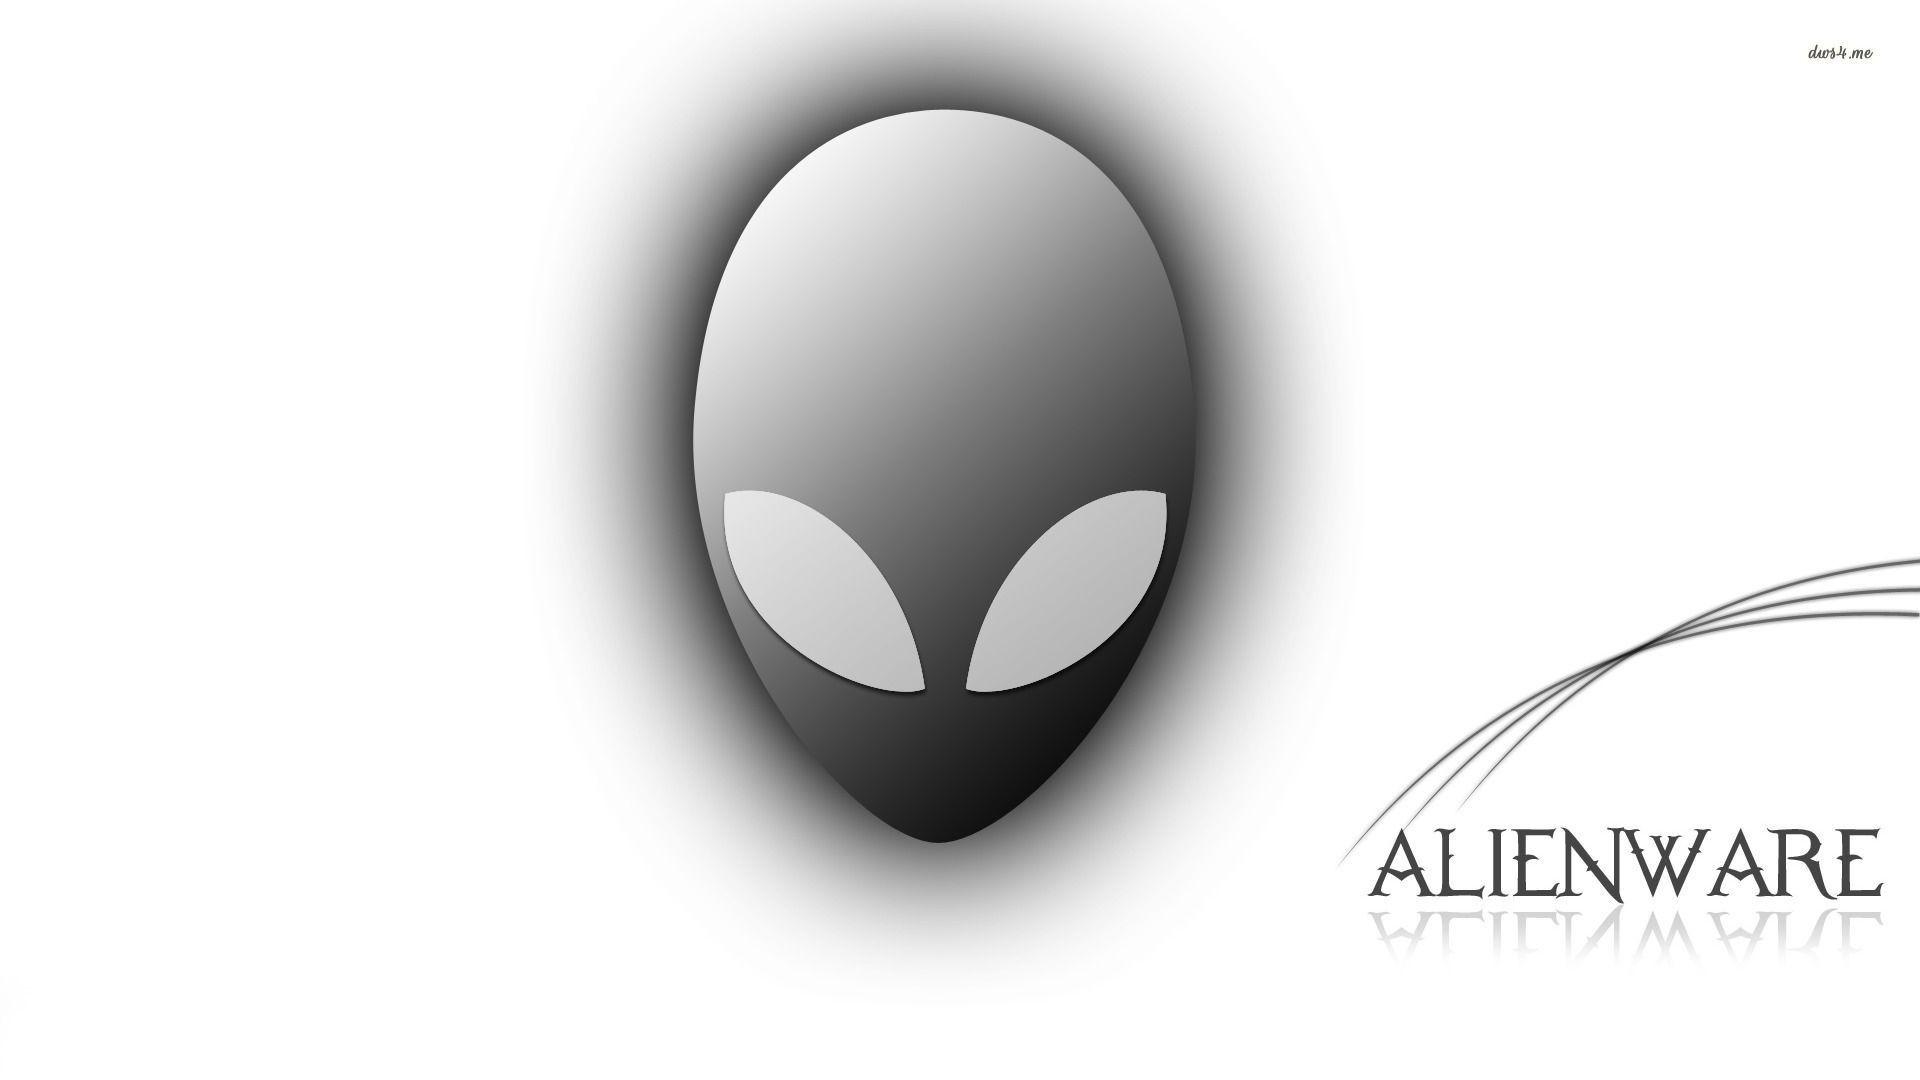 Berühmt Alienware Wallpapers (73+ images) #KO_78